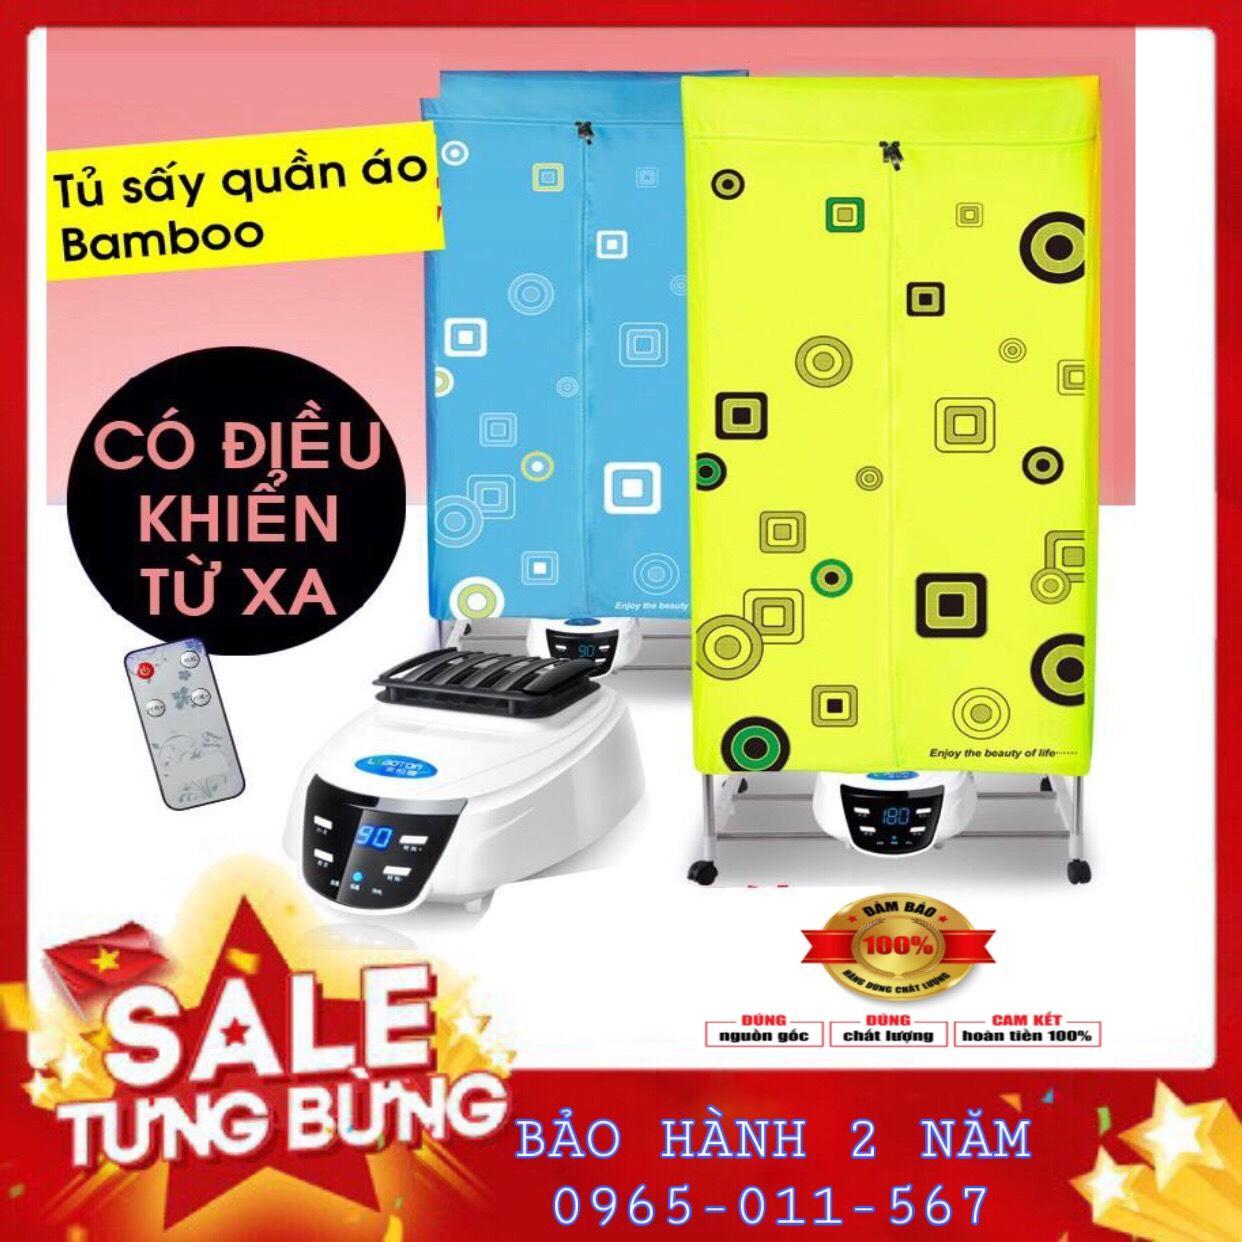 Tủ sấy quần áo Panasonic HD-882F tiết kiện năng lượng điện có điều khiển từ xa UV sấy khô 15KG quần áo- Bảo hành 2 năm